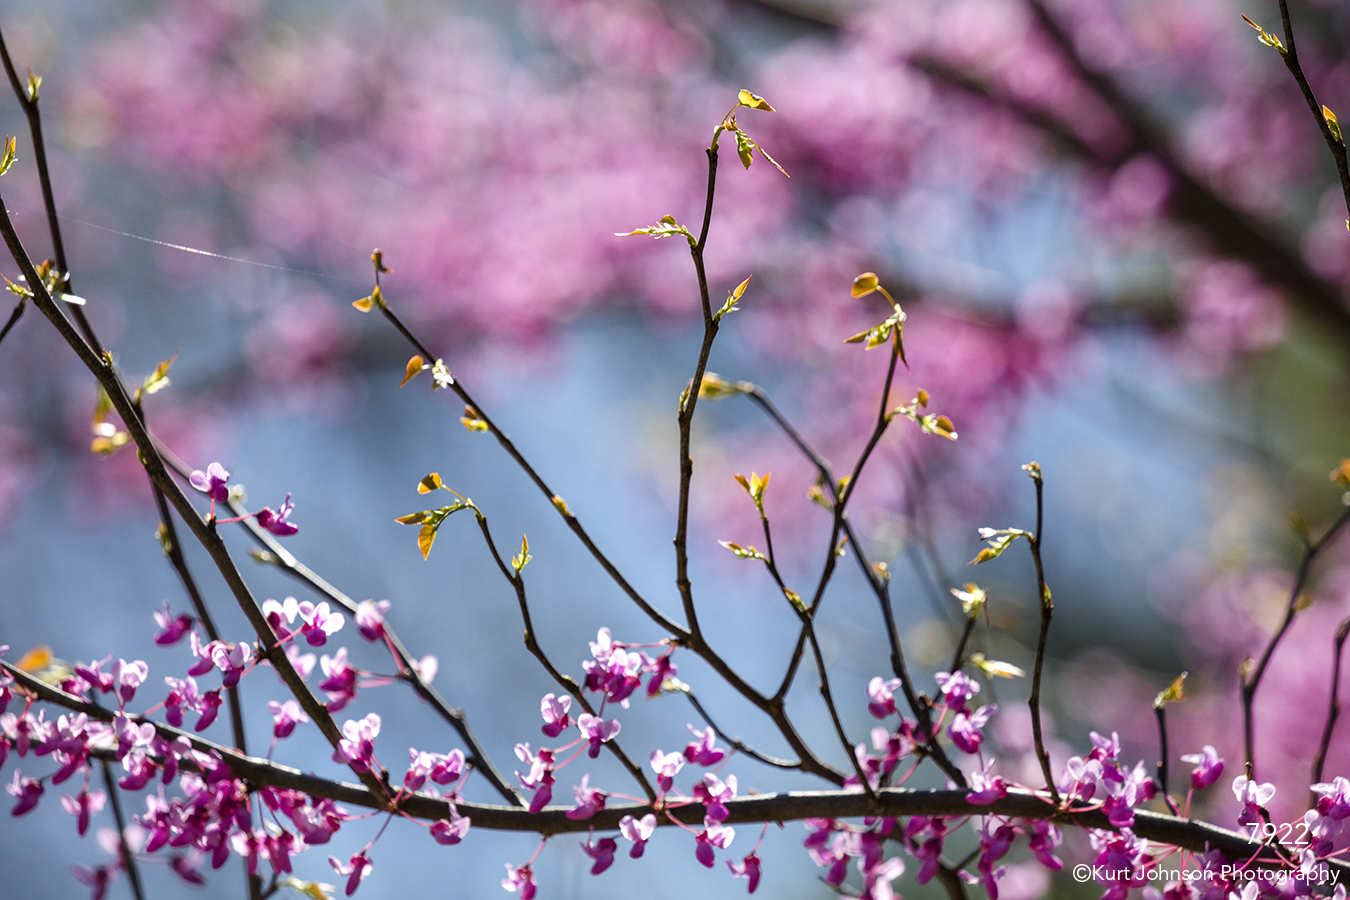 flower flowers flowering tree pink purple leaves branches